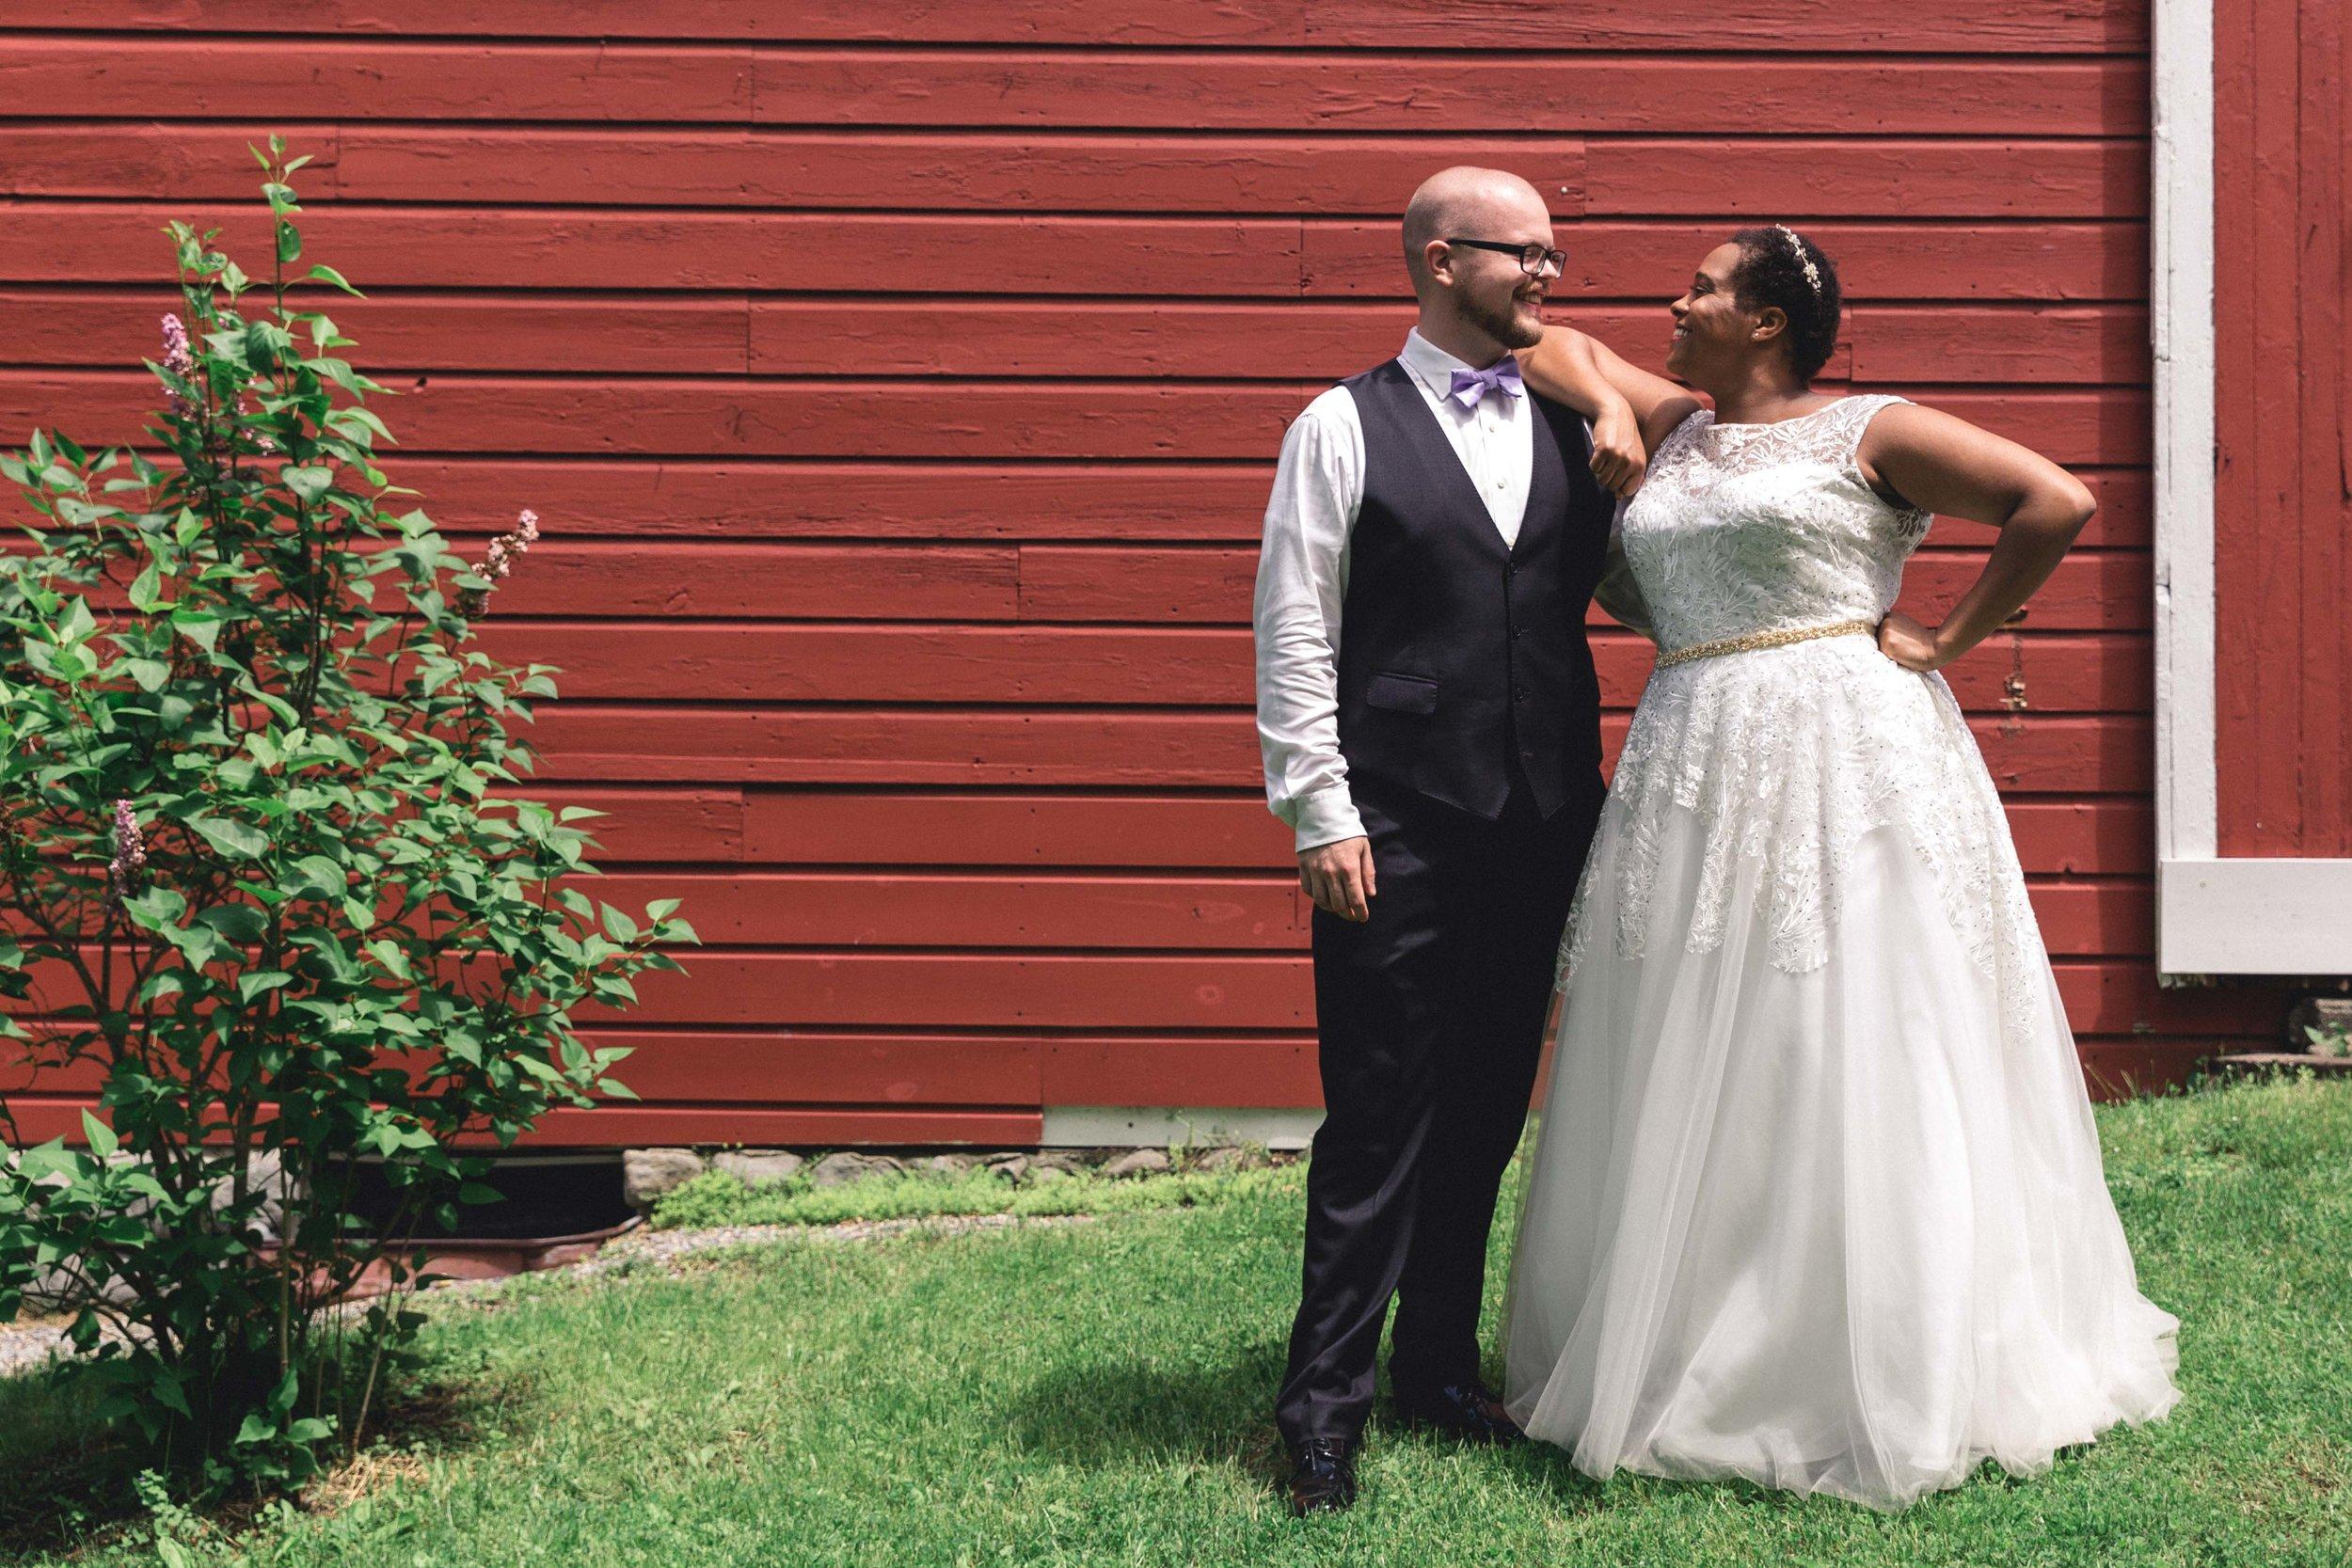 0_Zach-Xio-wedding-001.jpg